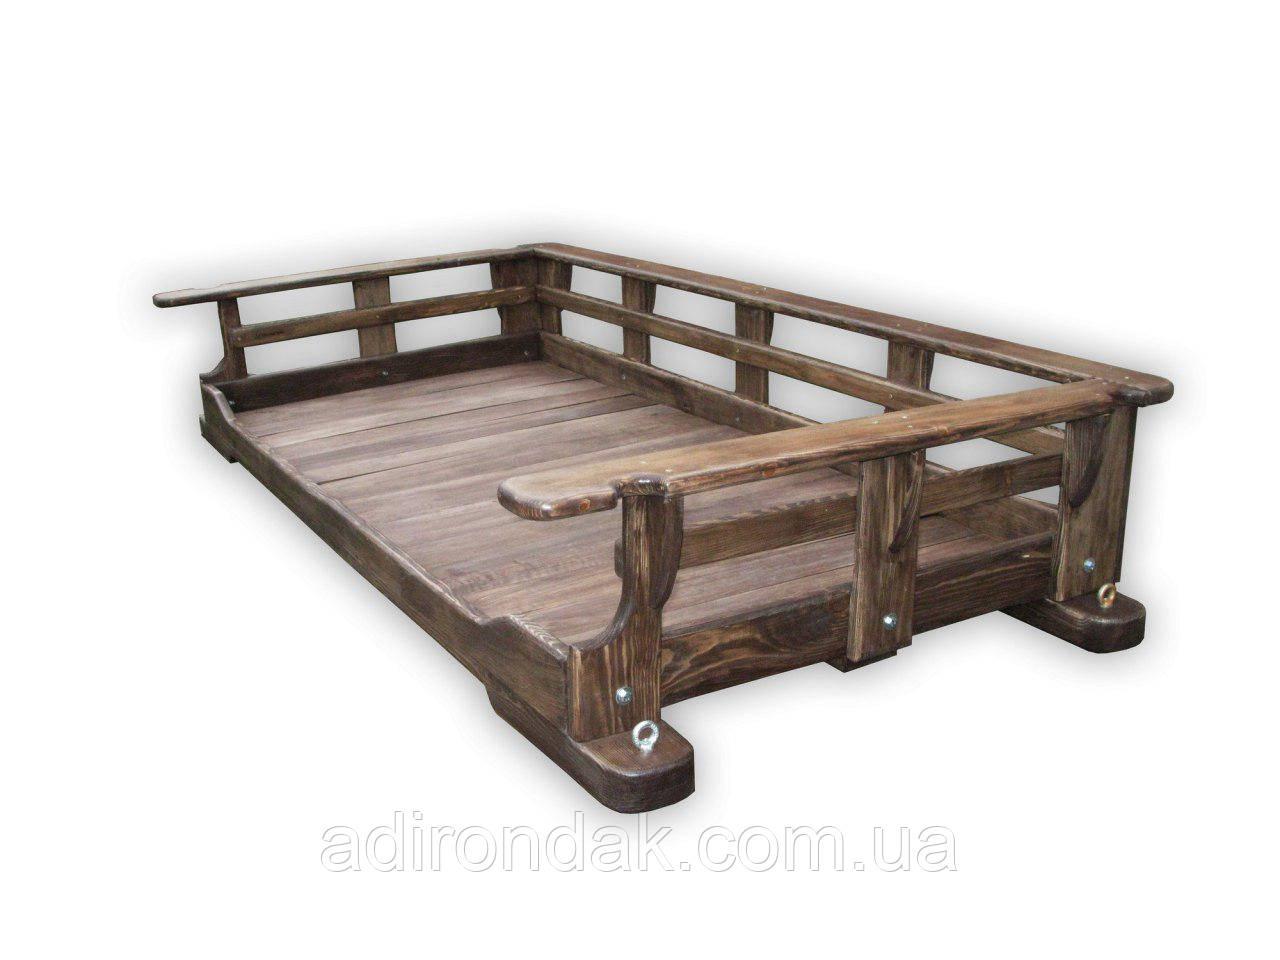 Подвесная кровать, Качеля